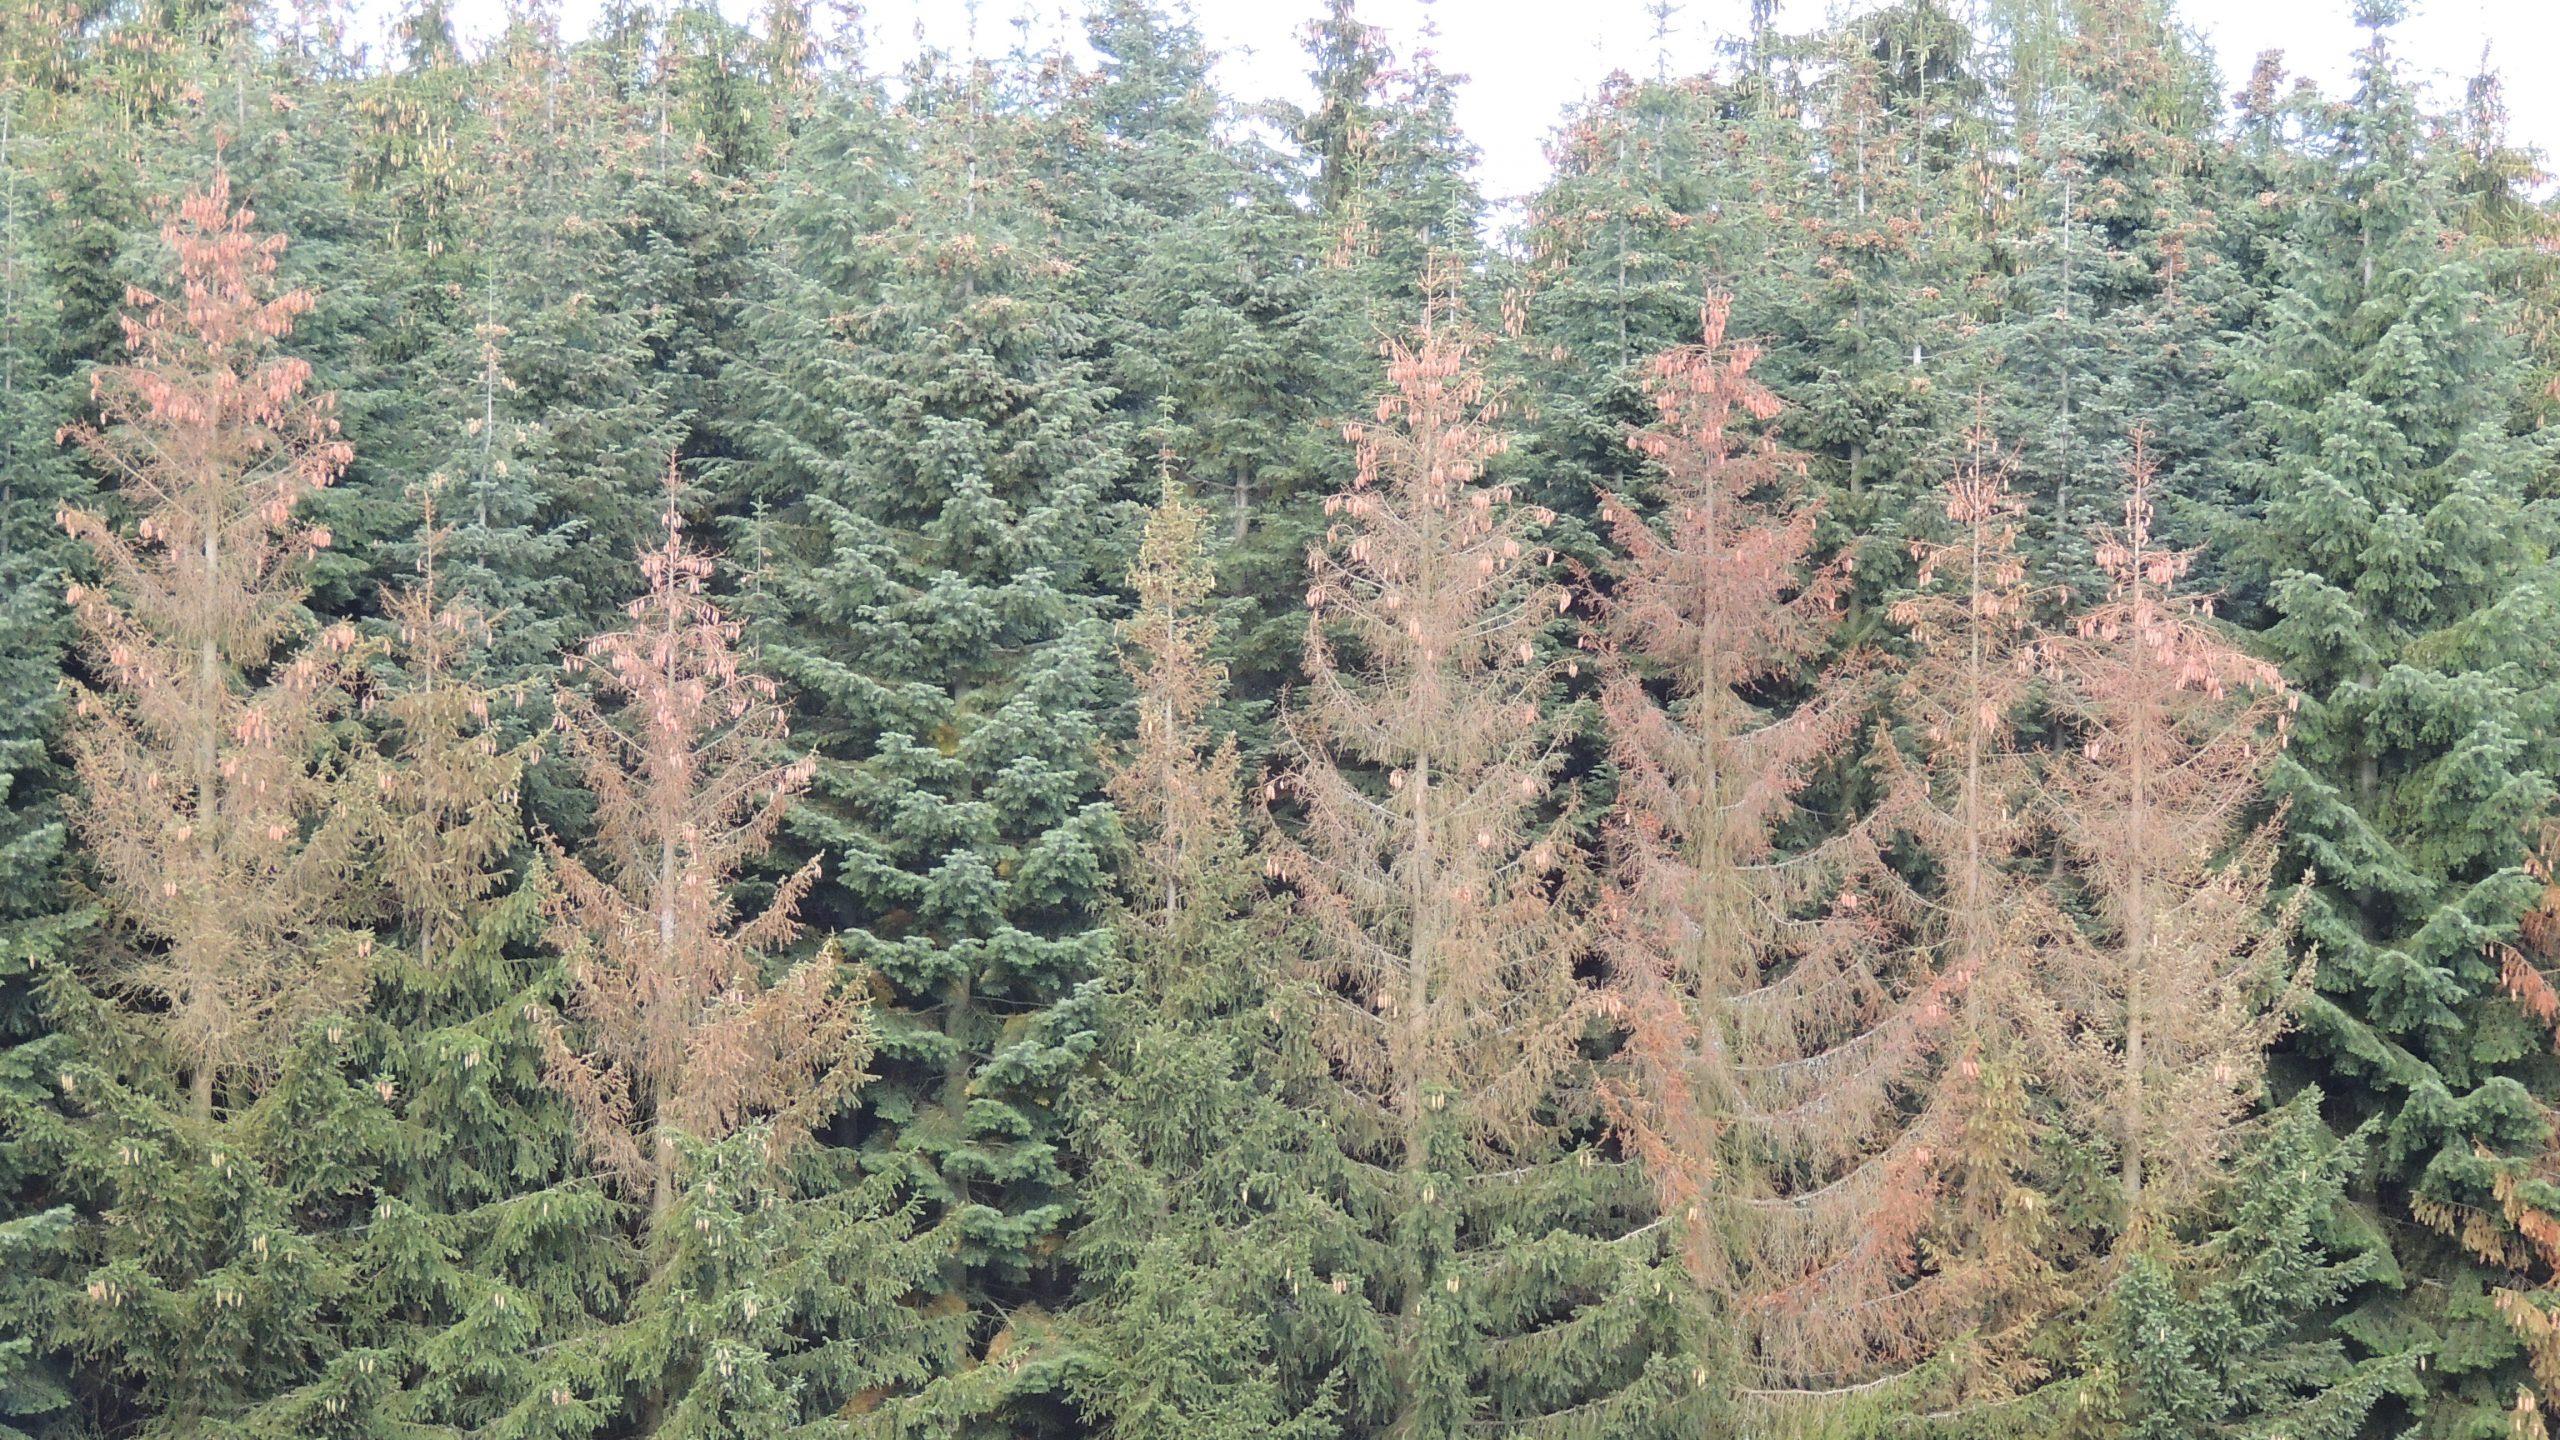 Fichtenbäume mit braunen Kronen